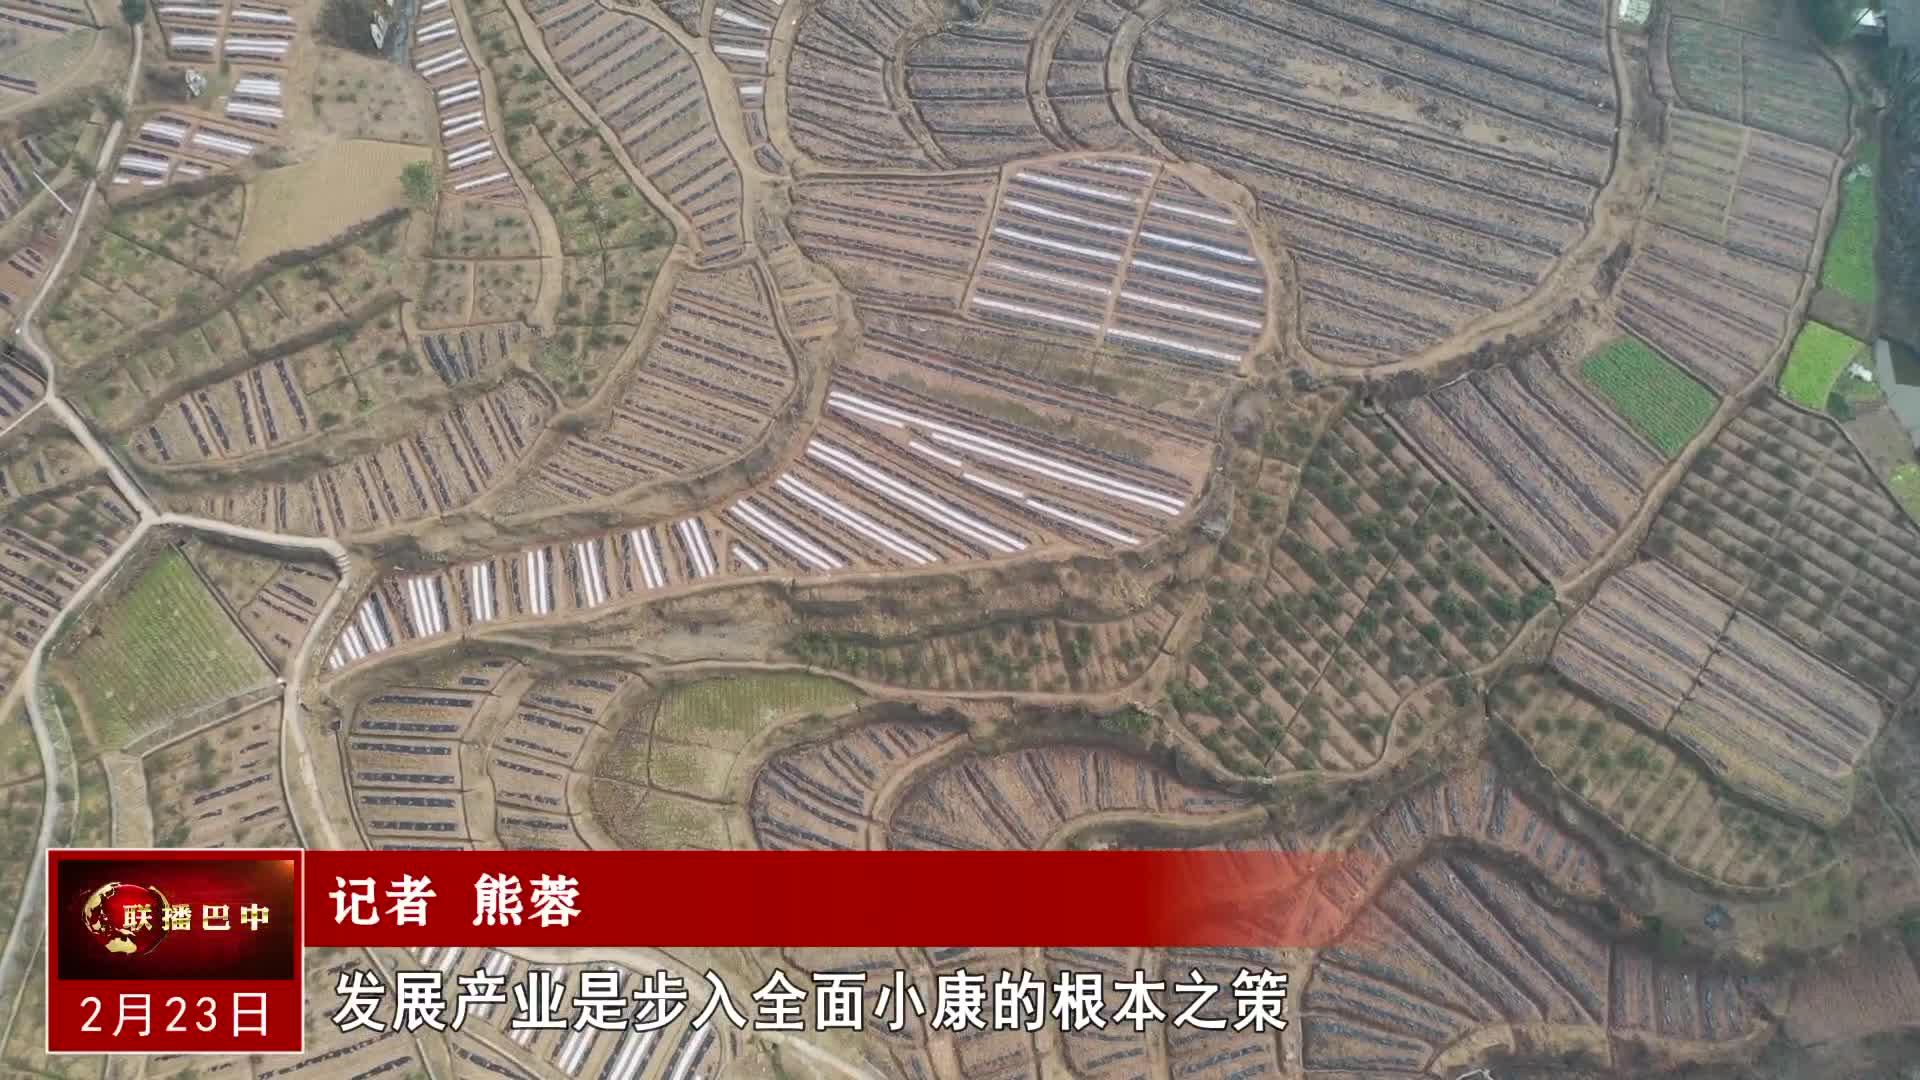 南江:稳脱贫 迈向全面小康